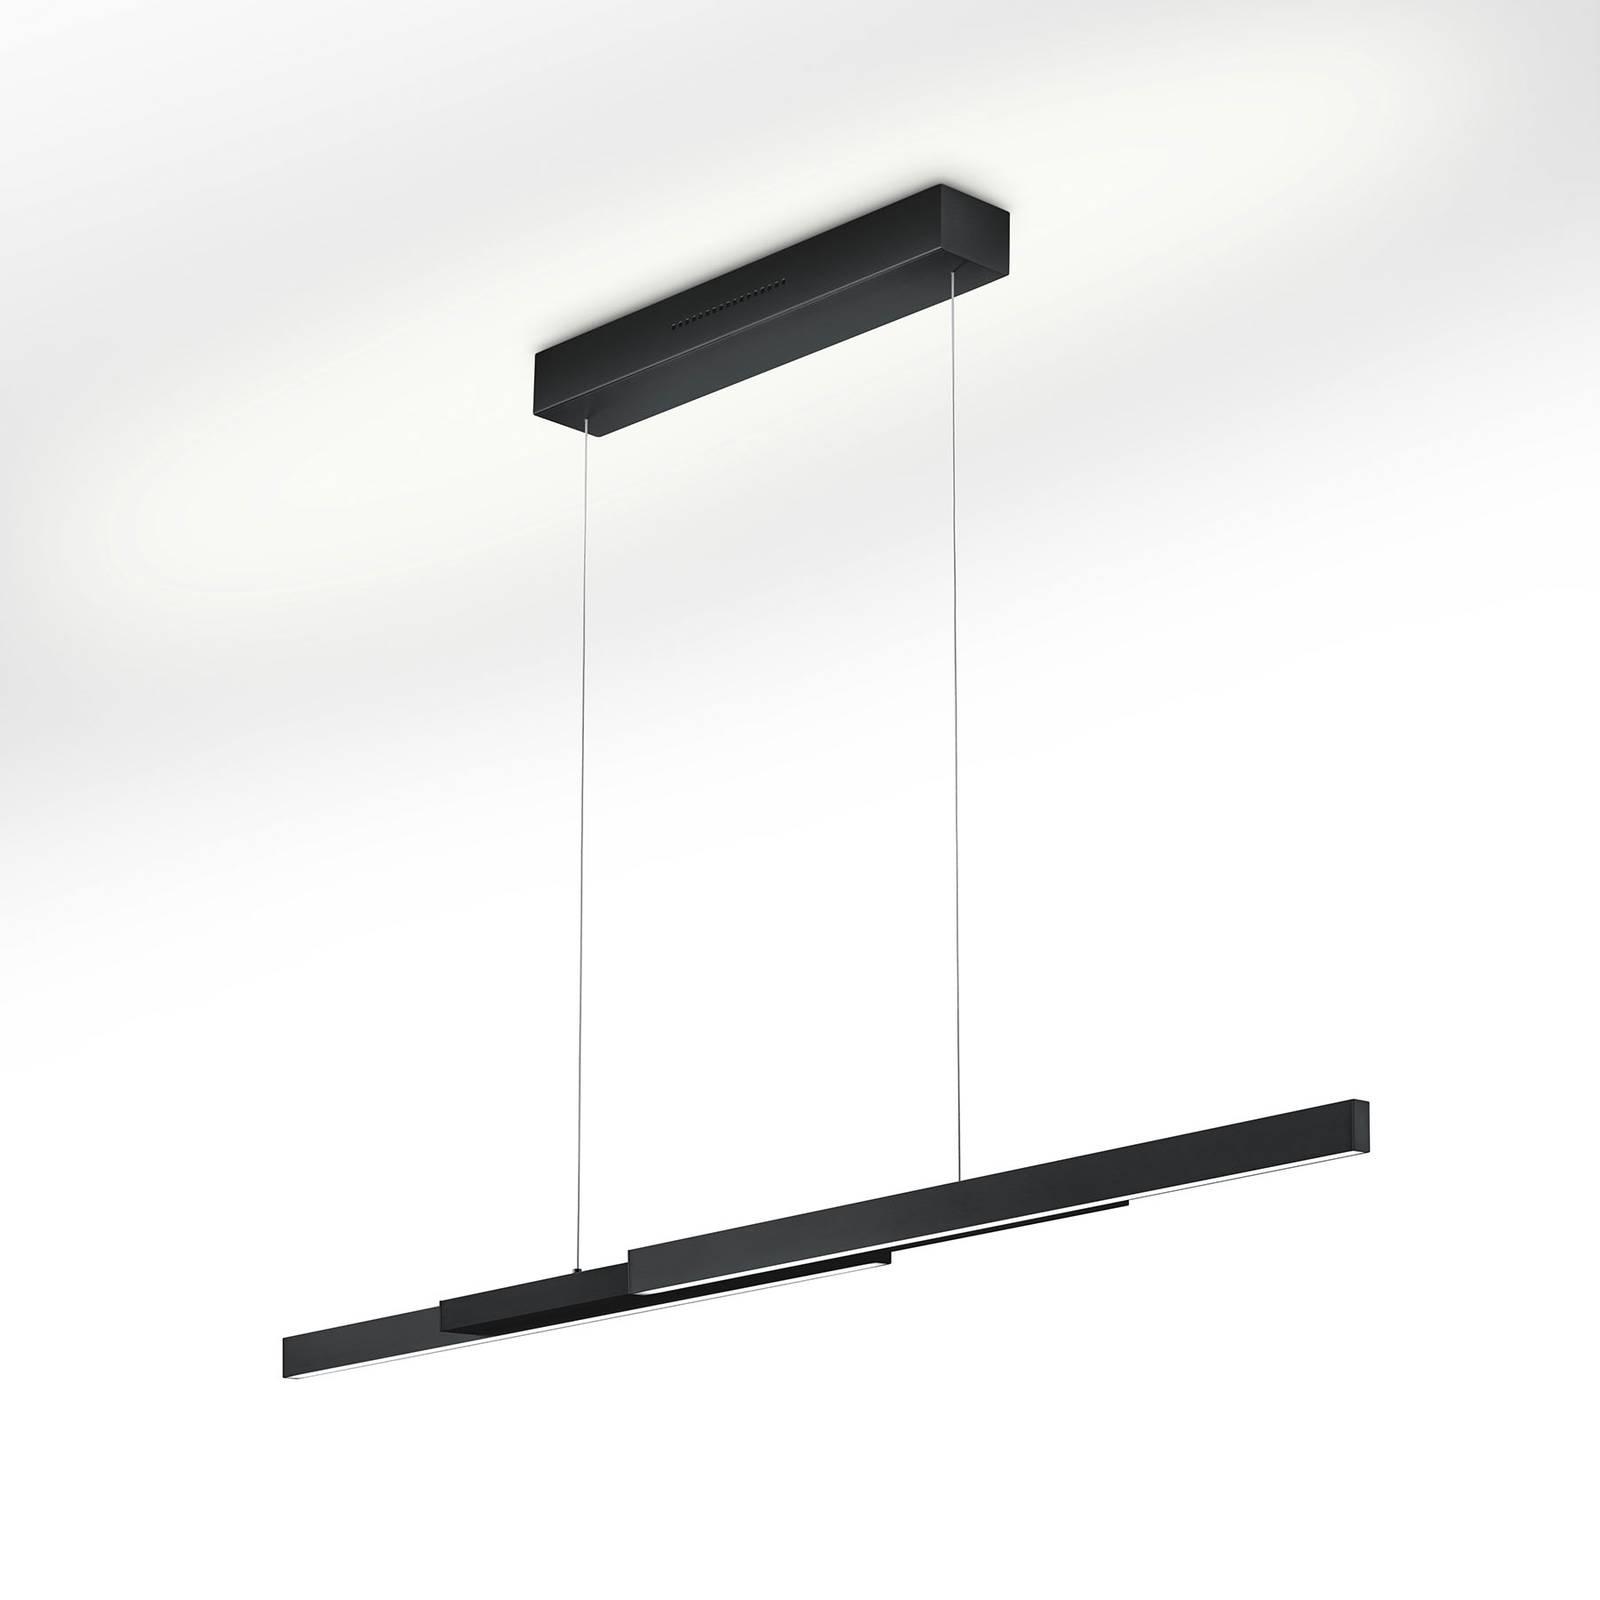 LED-Hängelampe Lara-L205 schwarz, Gestensteuerung